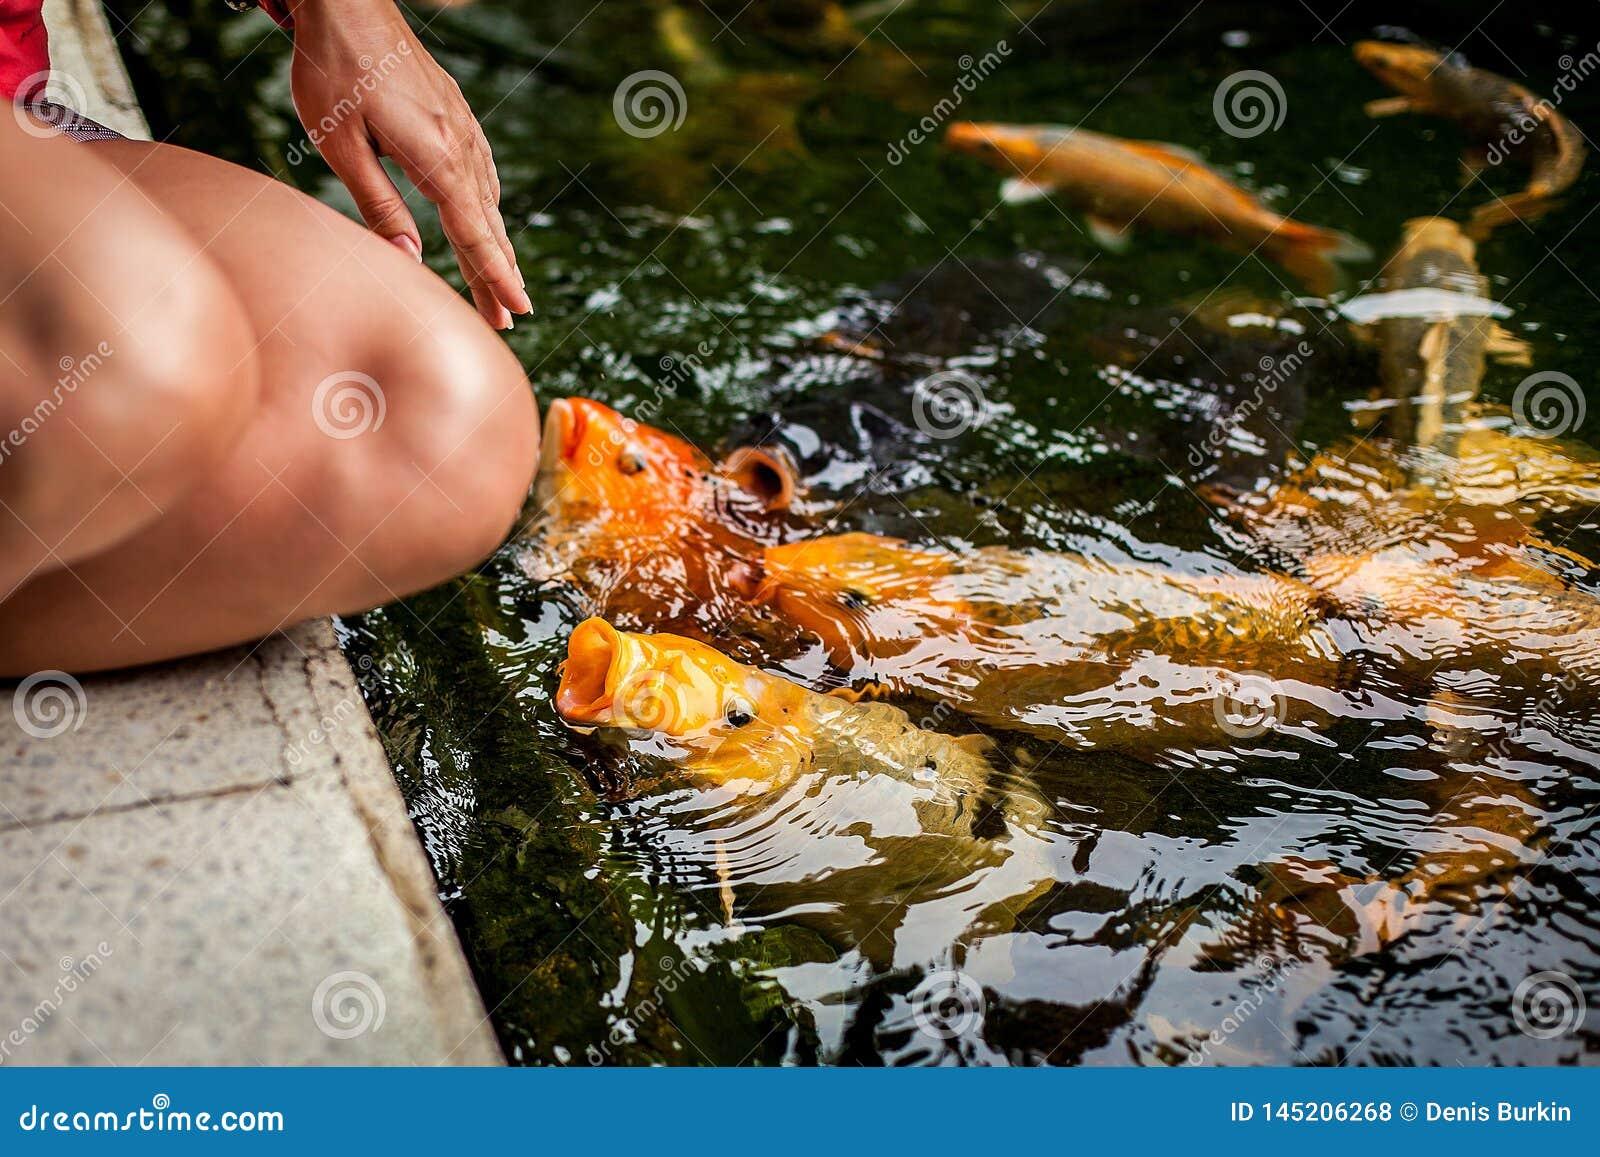 Ταΐζοντας ψάρια ψάρια koi στη λίμνη στον κήπο Ζωηρόχρωμο διακοσμητικό επιπλέον σώμα ψαριών σε μια τεχνητή λίμνη